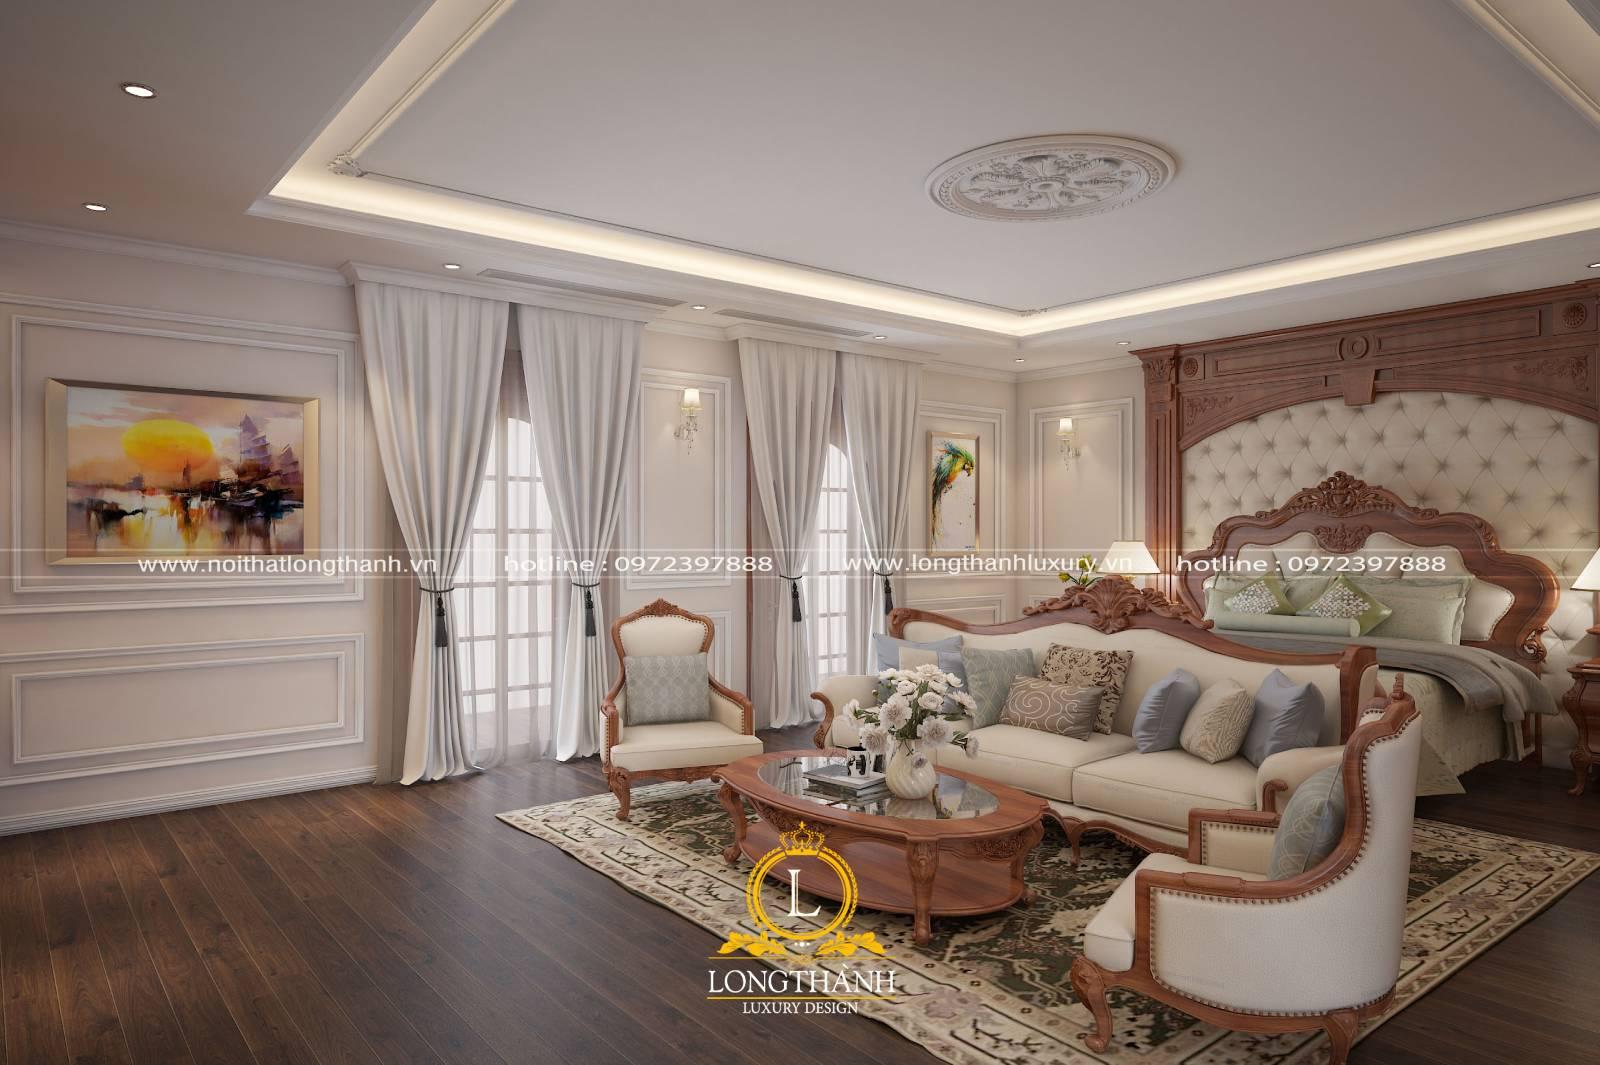 Phòng ngủ master tân cổ điển rộng có thêm bộ ghế sofa sang trọng